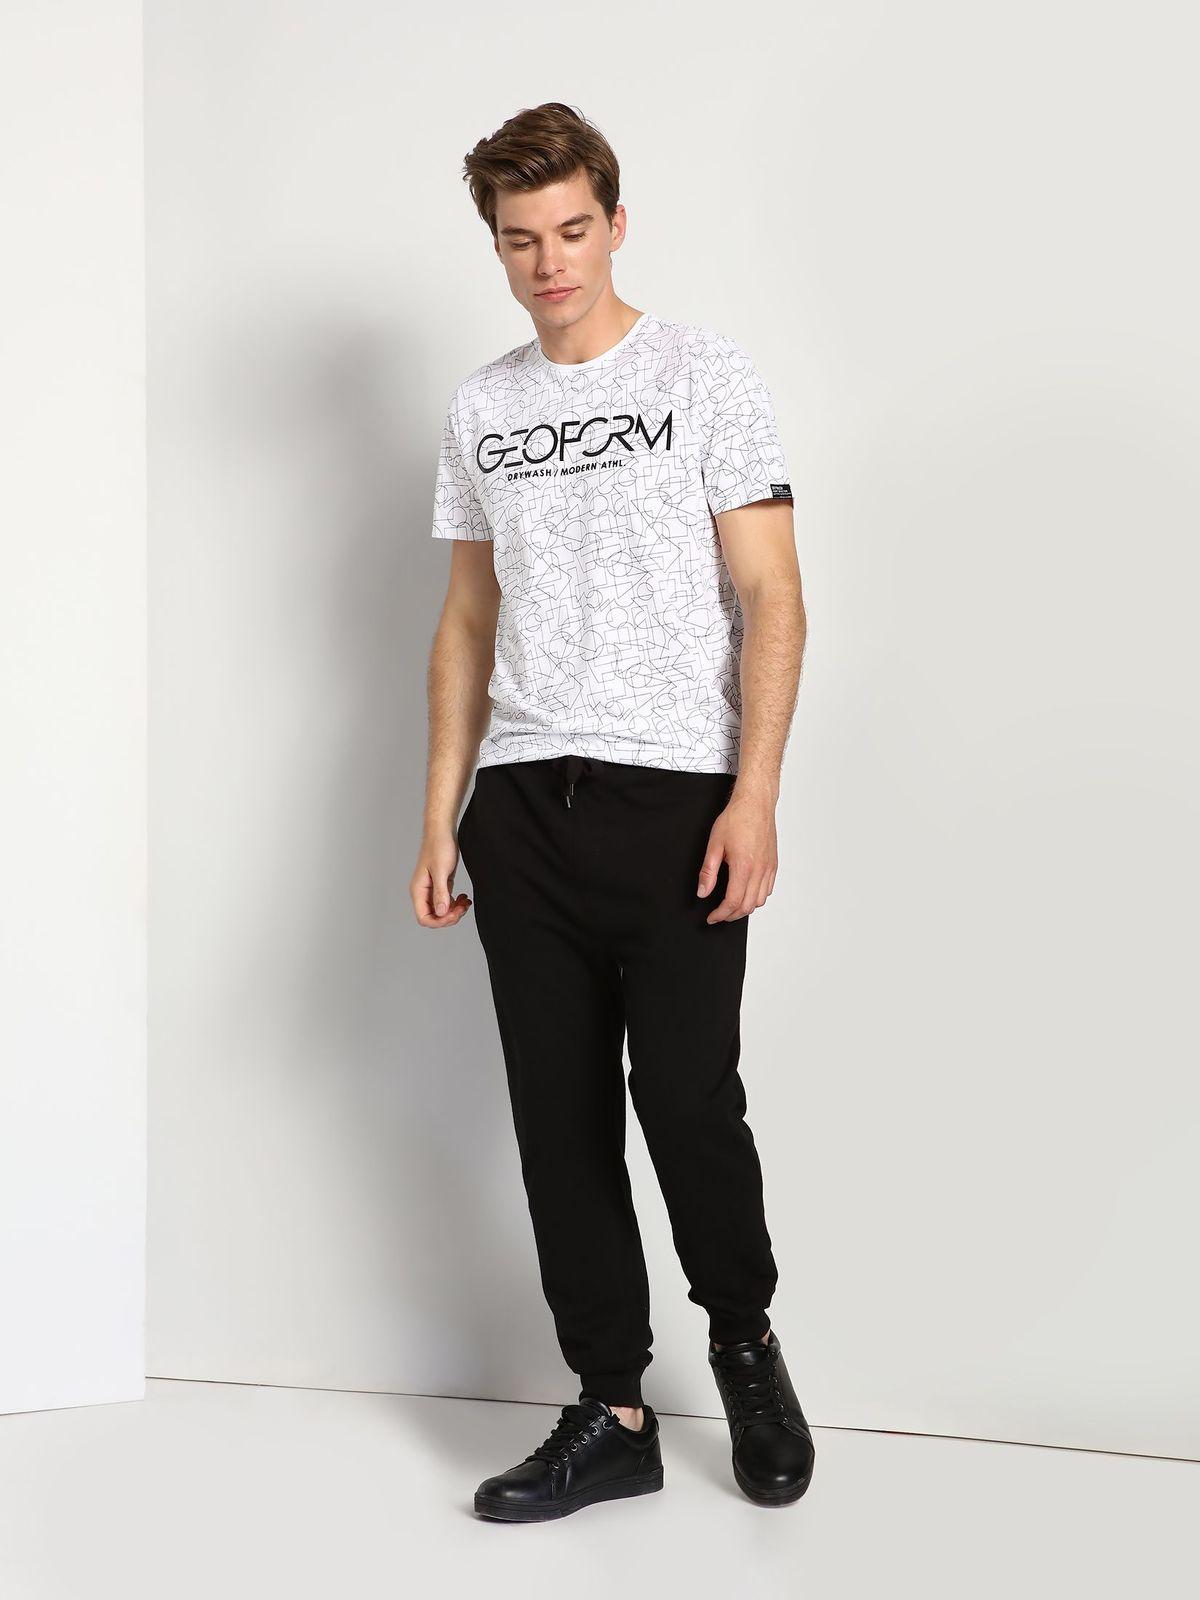 ФутболкаDPO0277BIМужская футболка Drywash выполнена из натурального хлопка. Модель с круглым вырезом горловины оформлена оригинальным принтом и надписями на английском языке.